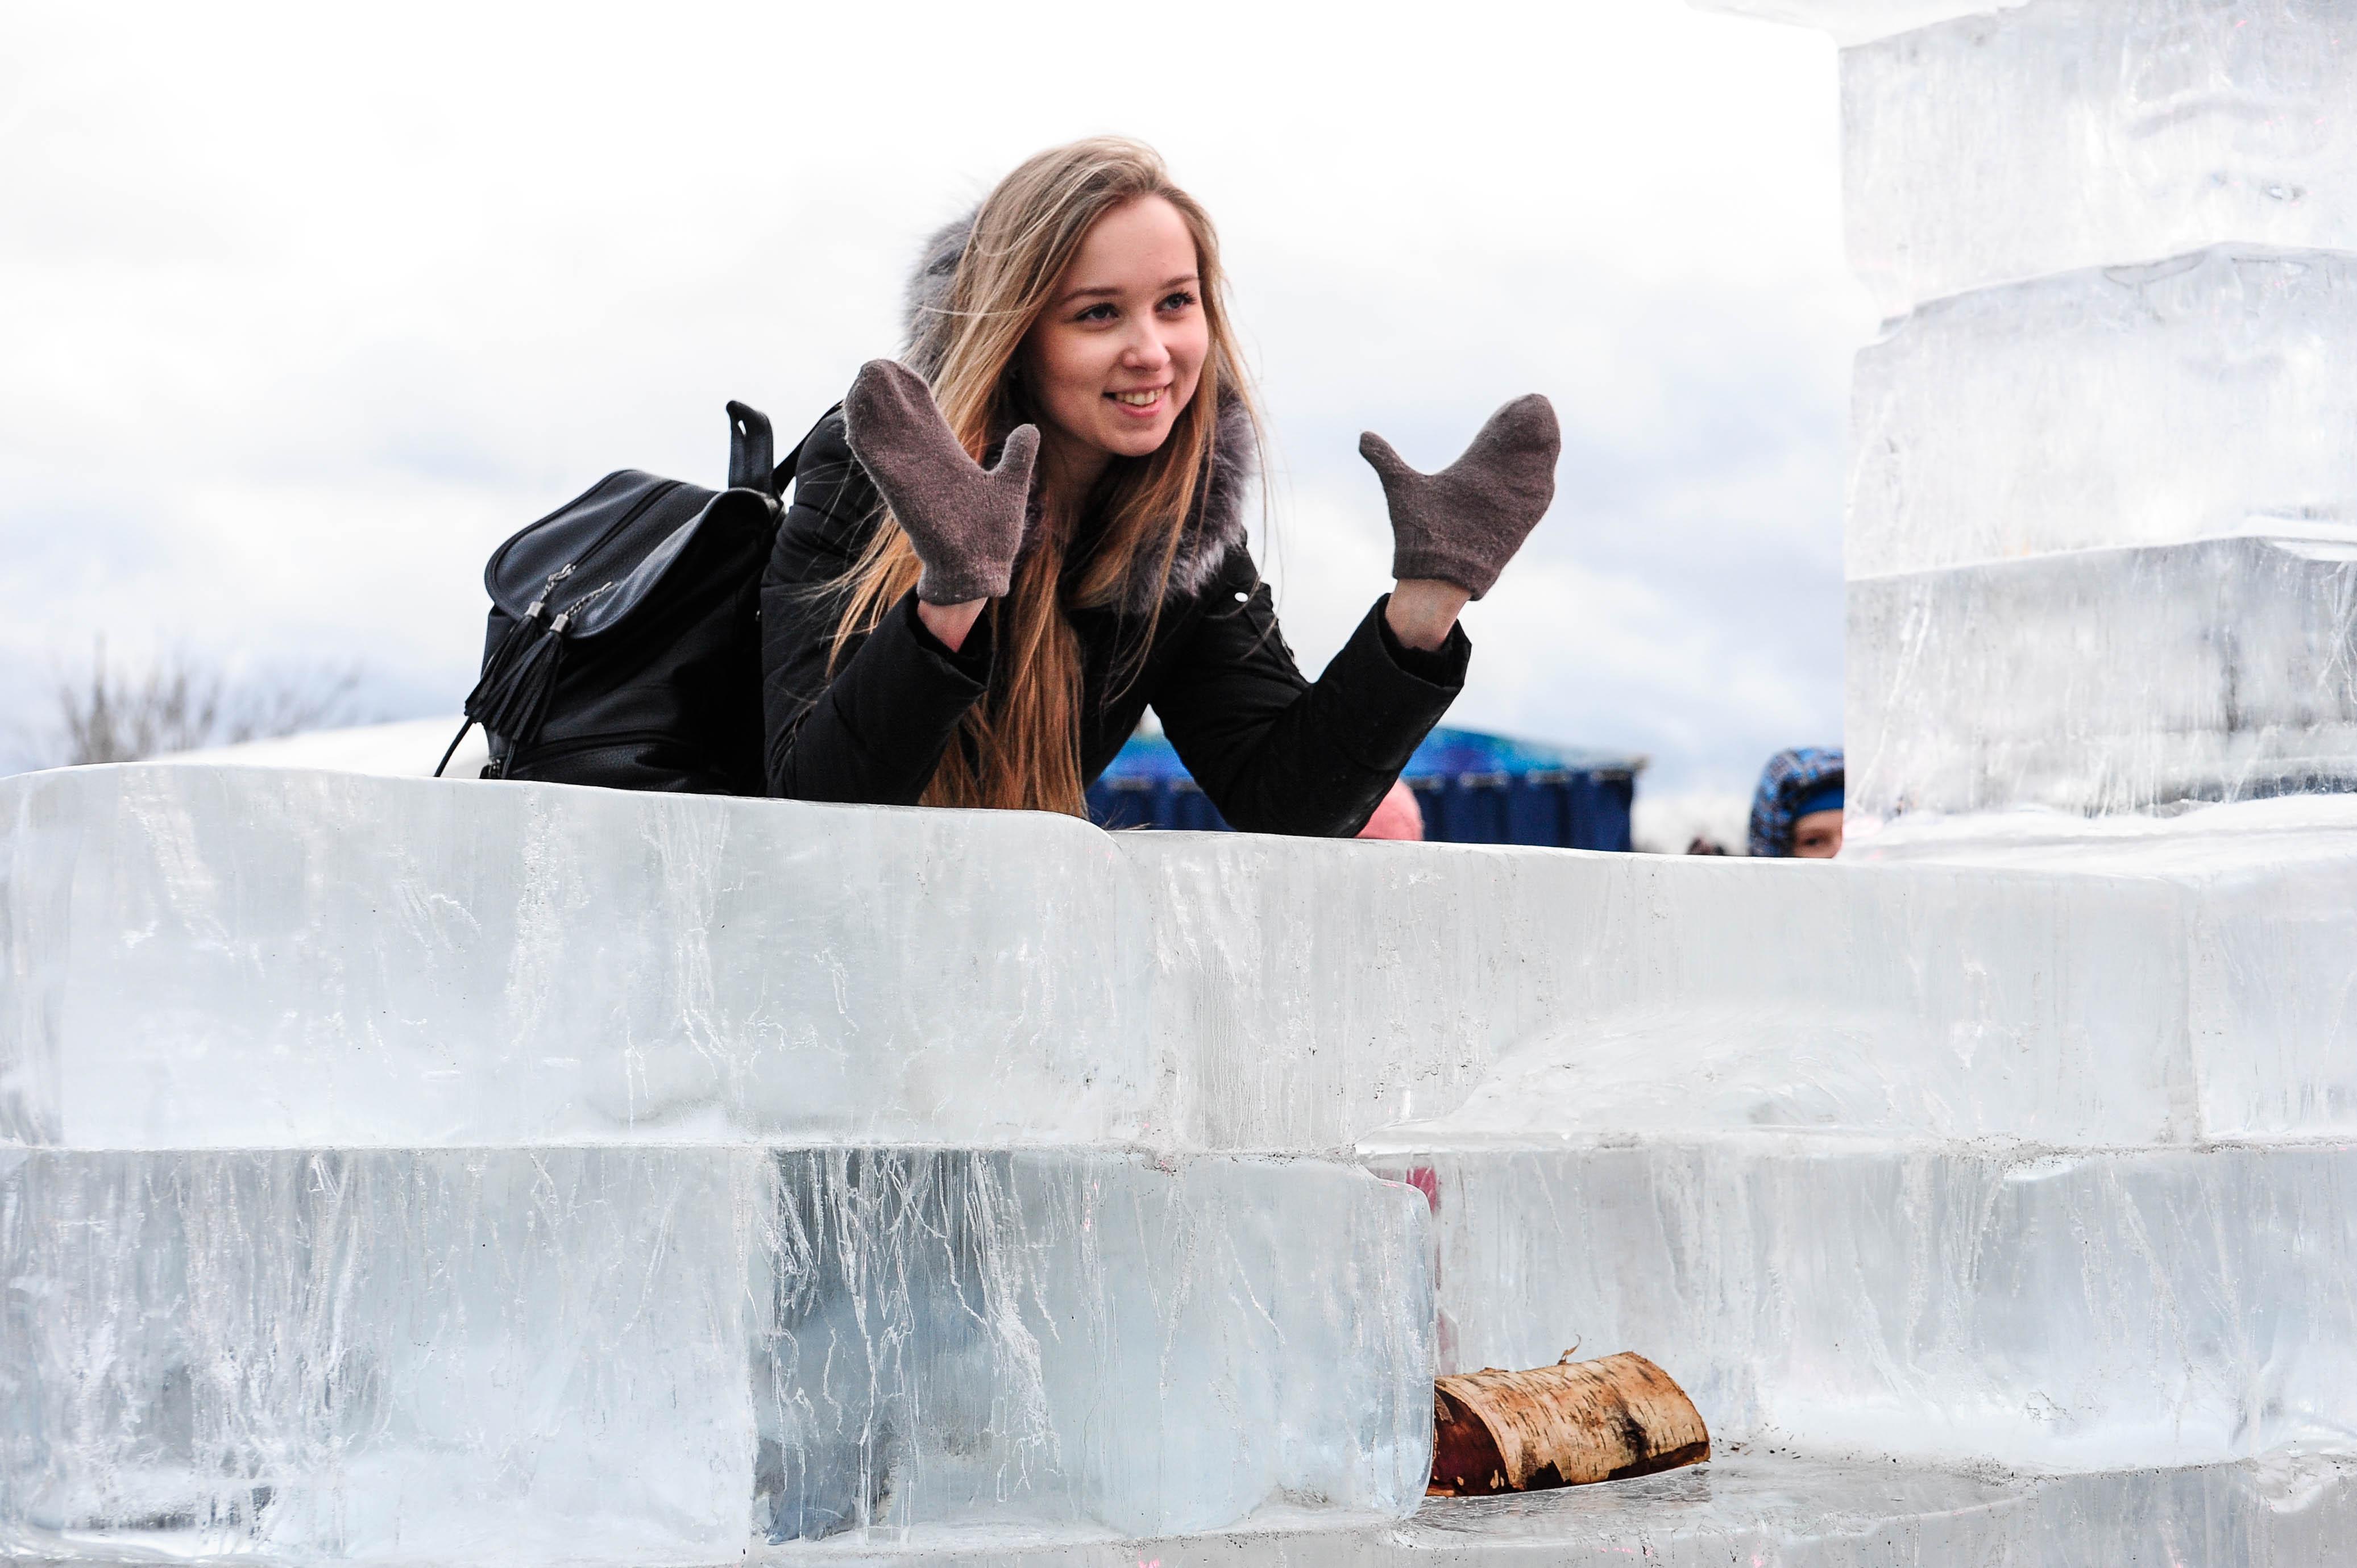 Парк Победы представит более 50 скульптур на фестивале «Ледовая Москва»